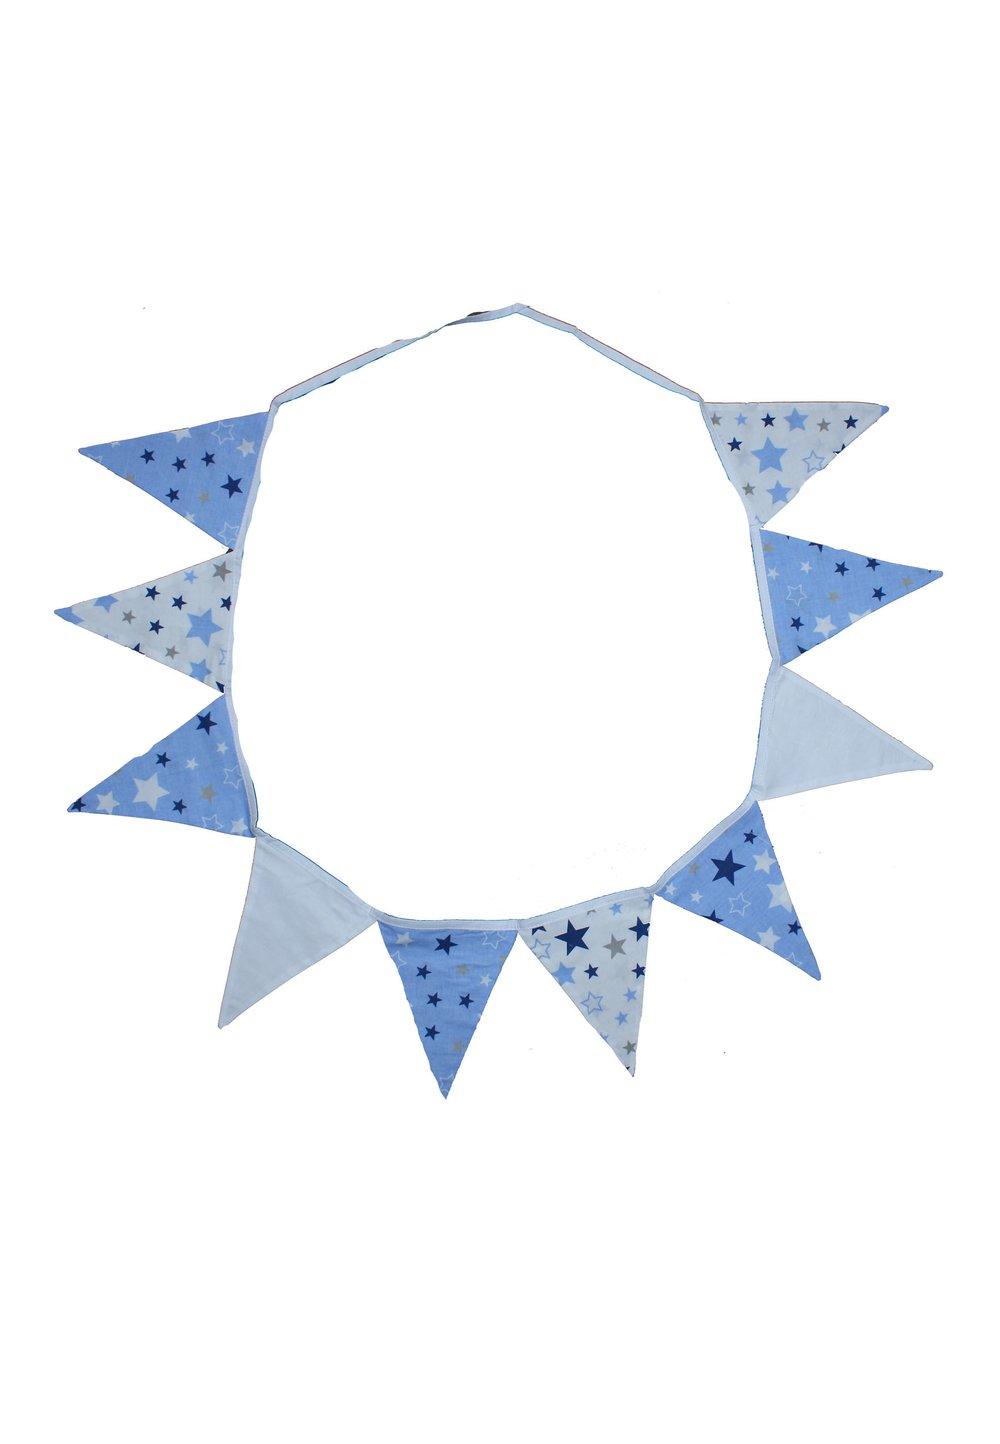 Ghirlanda stegulete, stelute doua fete, albastru, 3m imagine